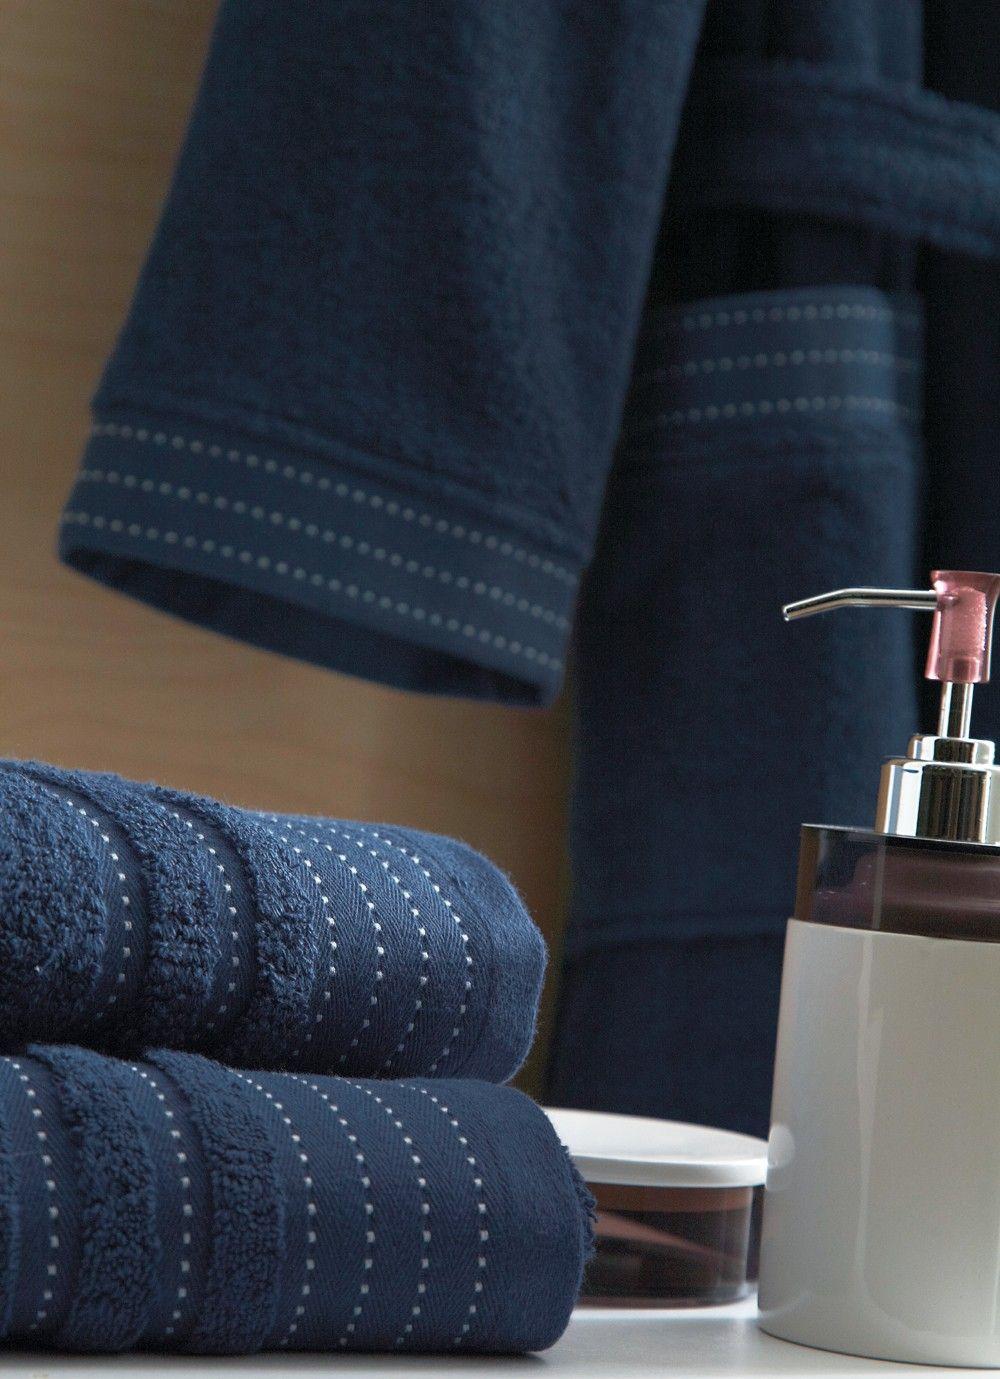 linge de toilette blanc des vosges sir marine. Black Bedroom Furniture Sets. Home Design Ideas